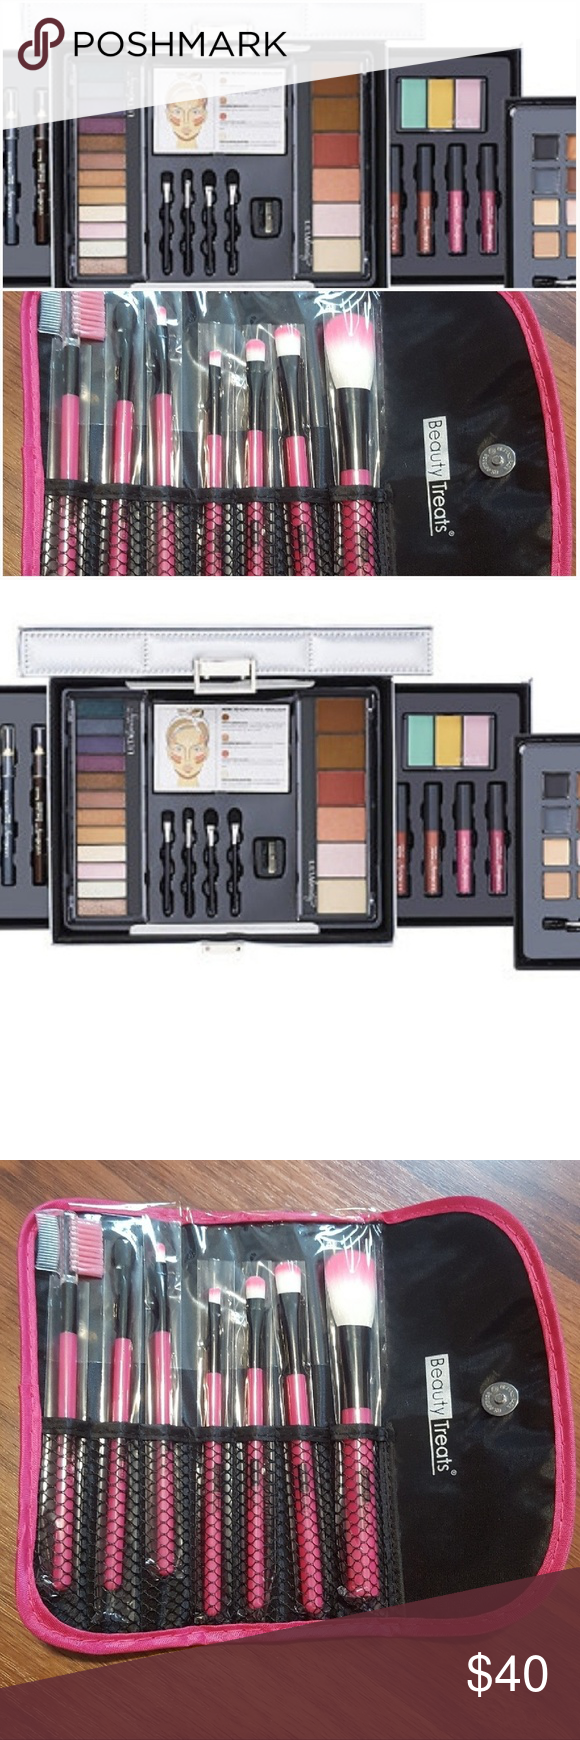 Makeup Collection and Brush Set 💞42 piece makeup kit